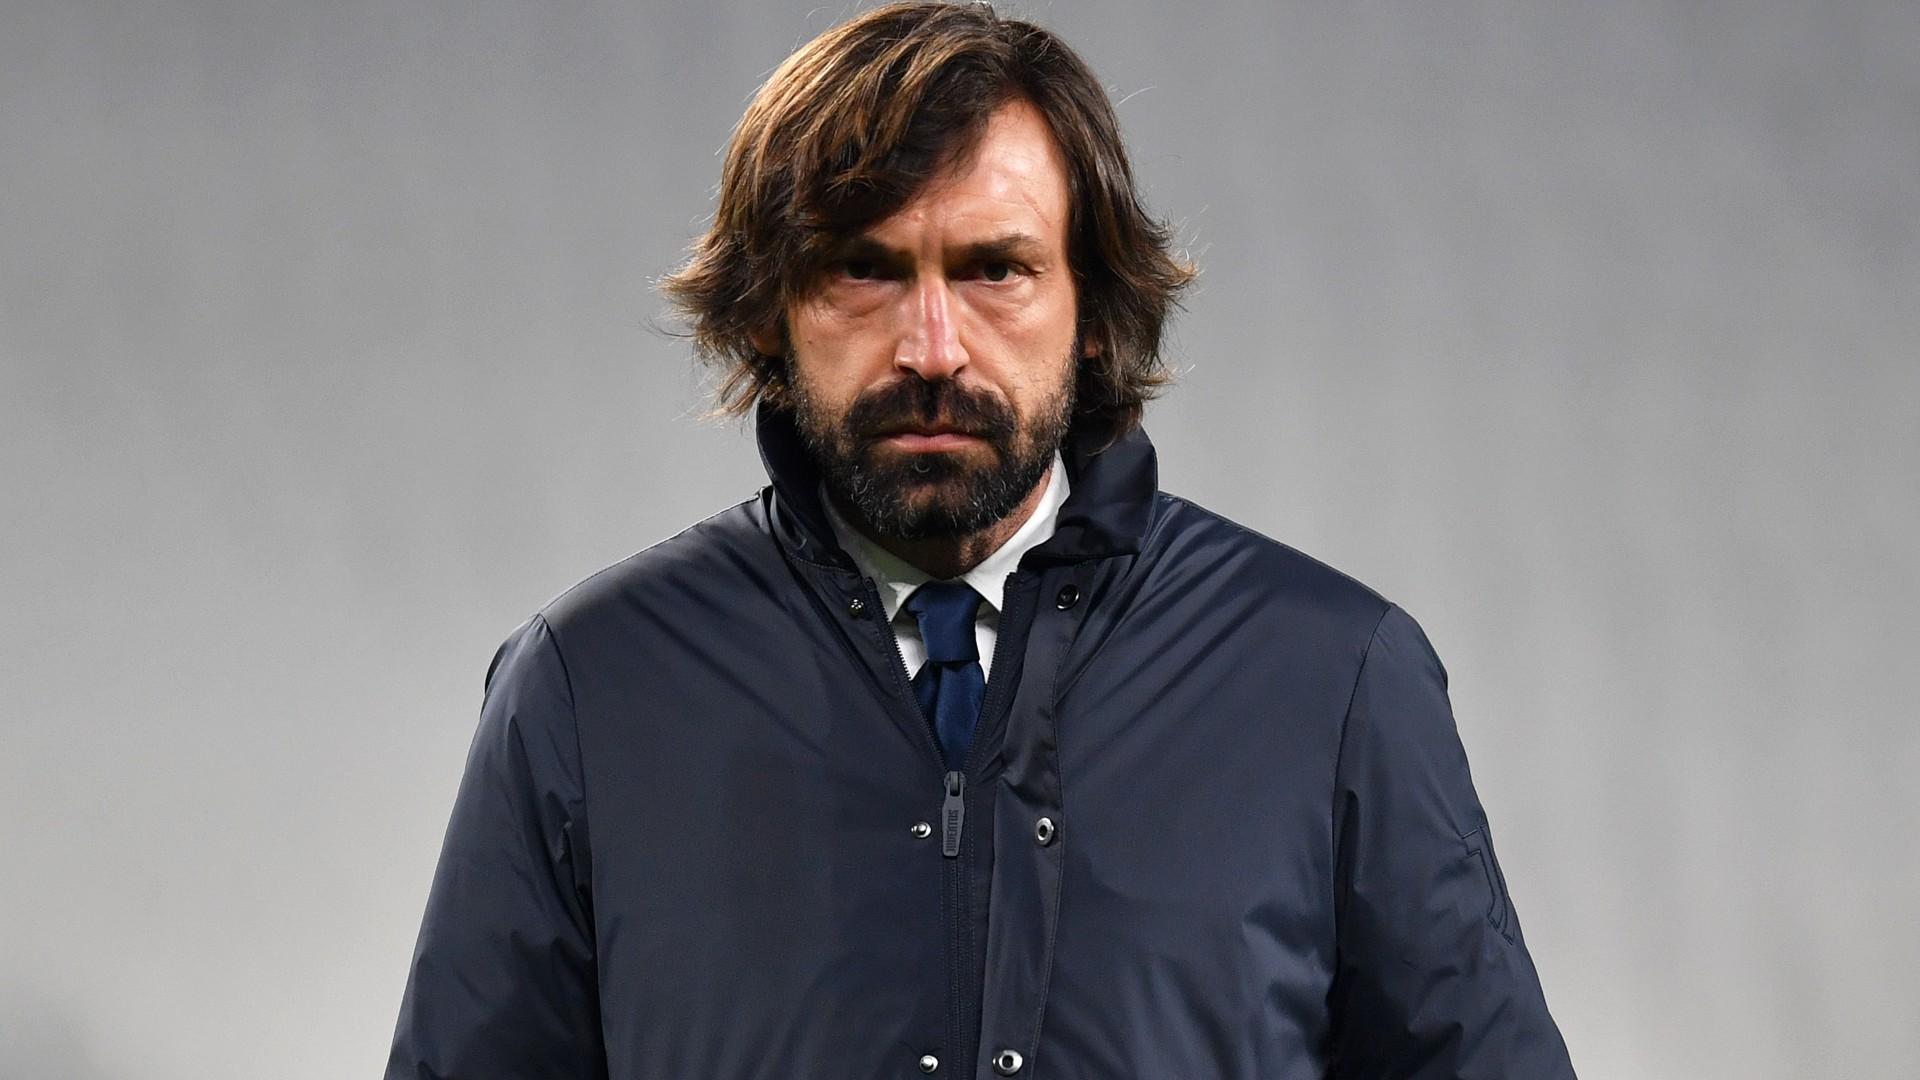 """Juve eliminata, Pirlo sul futuro: """"Continuo a lavorare serenamente"""""""